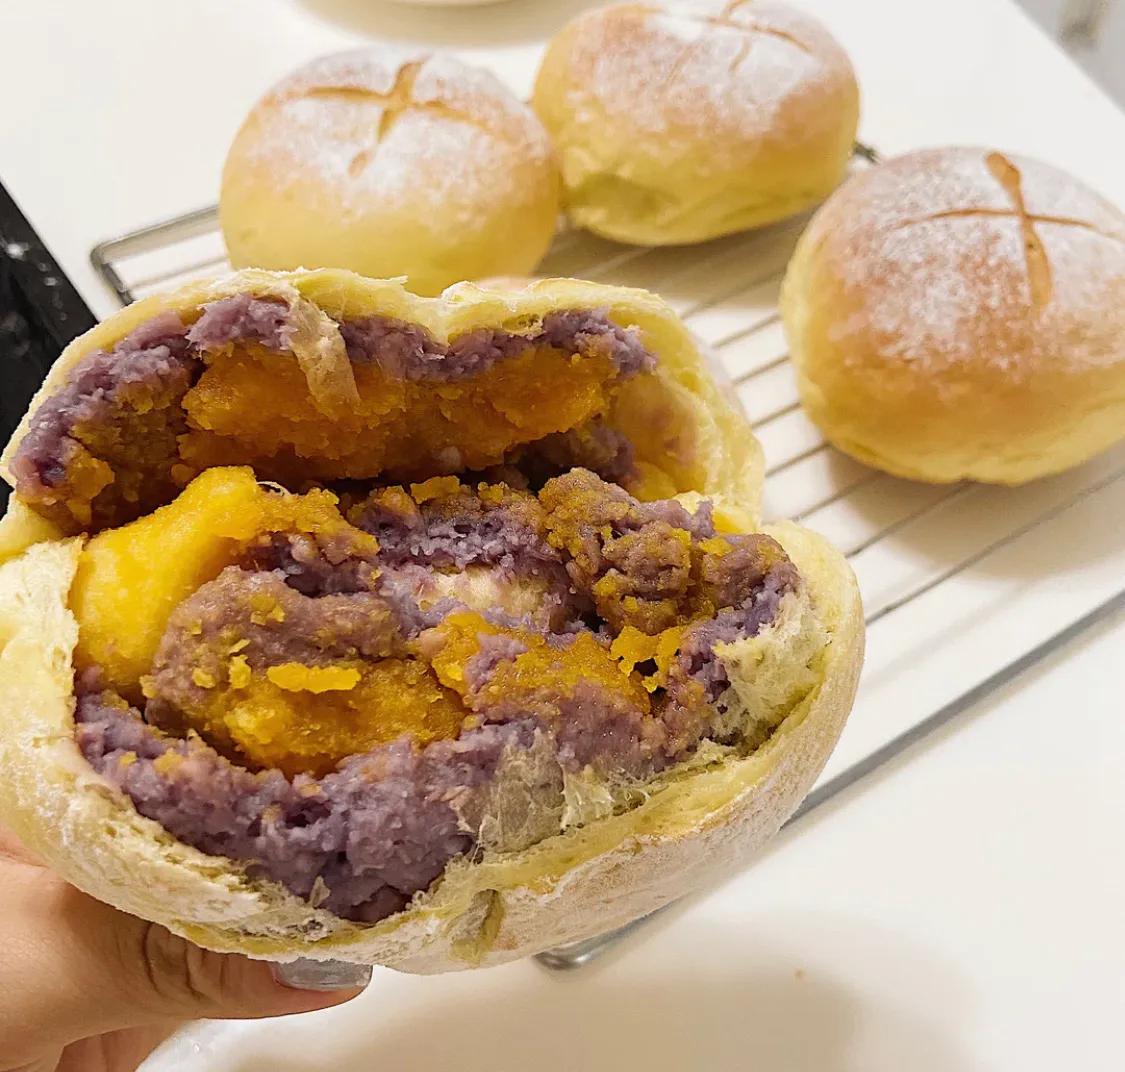 比汉堡好吃的带馅欧包 美食做法 第14张